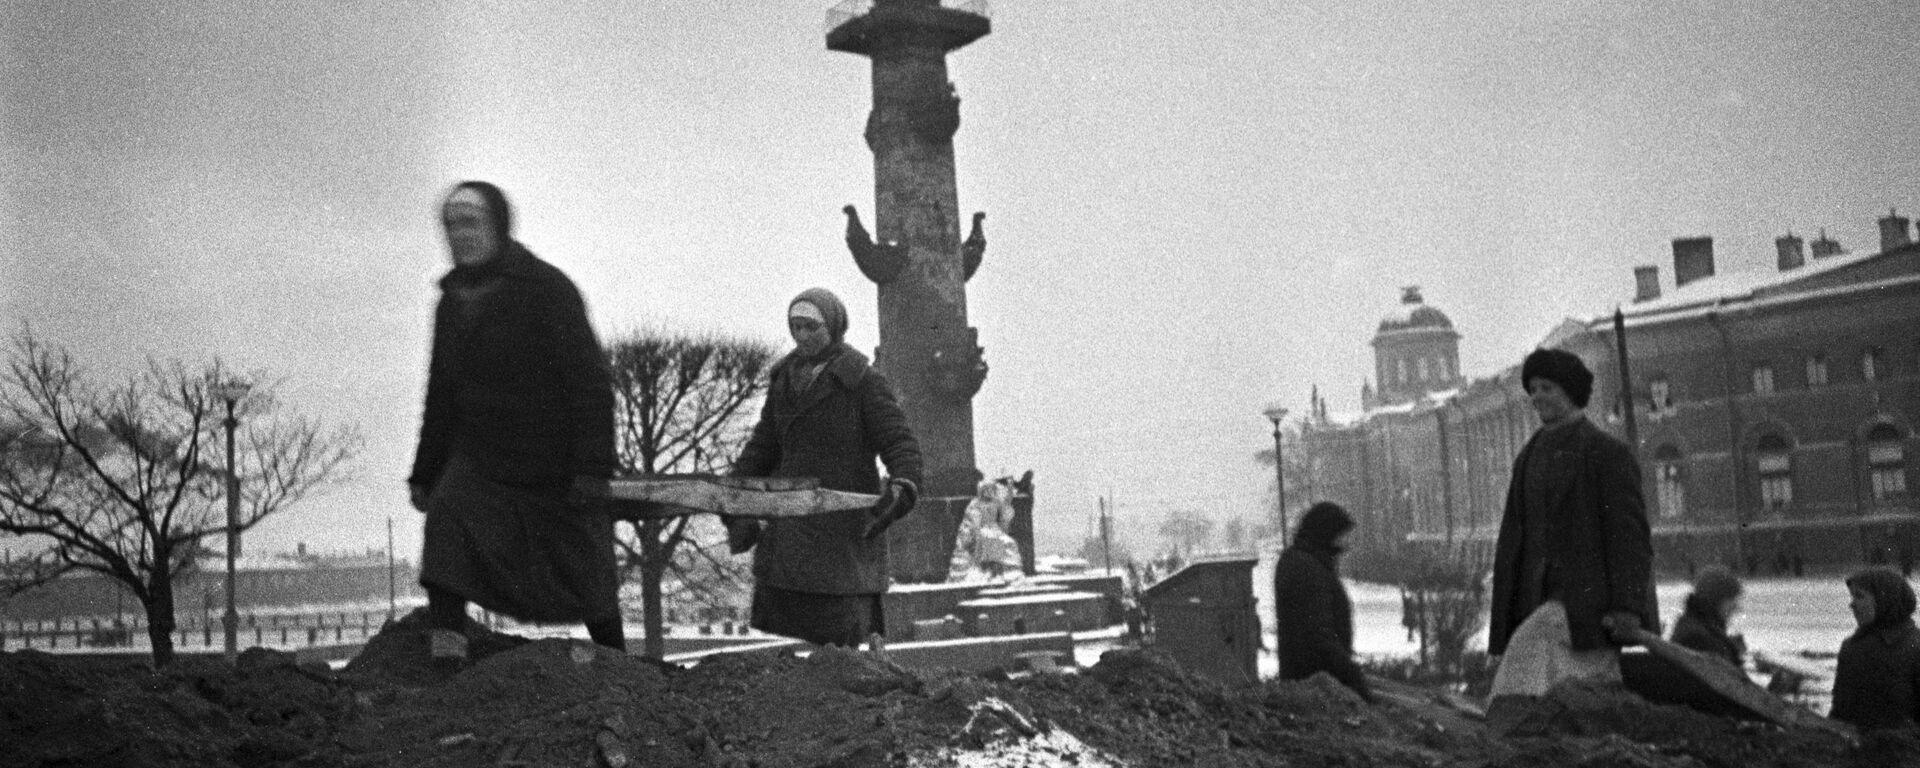 Leningrader Blockade, 1942 - SNA, 1920, 08.09.2021